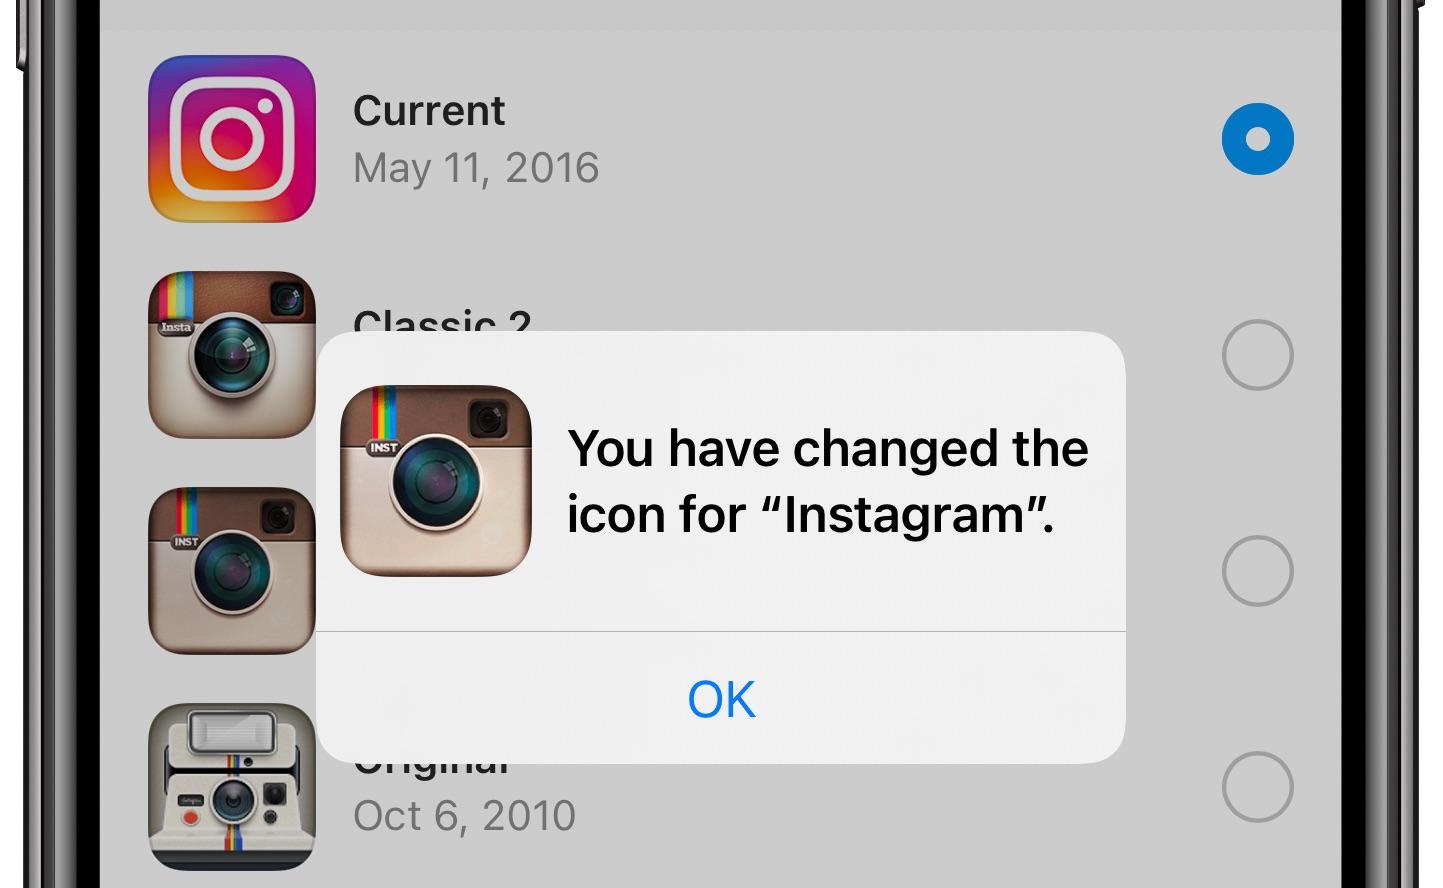 ChangeInstagram icon - confirmation message